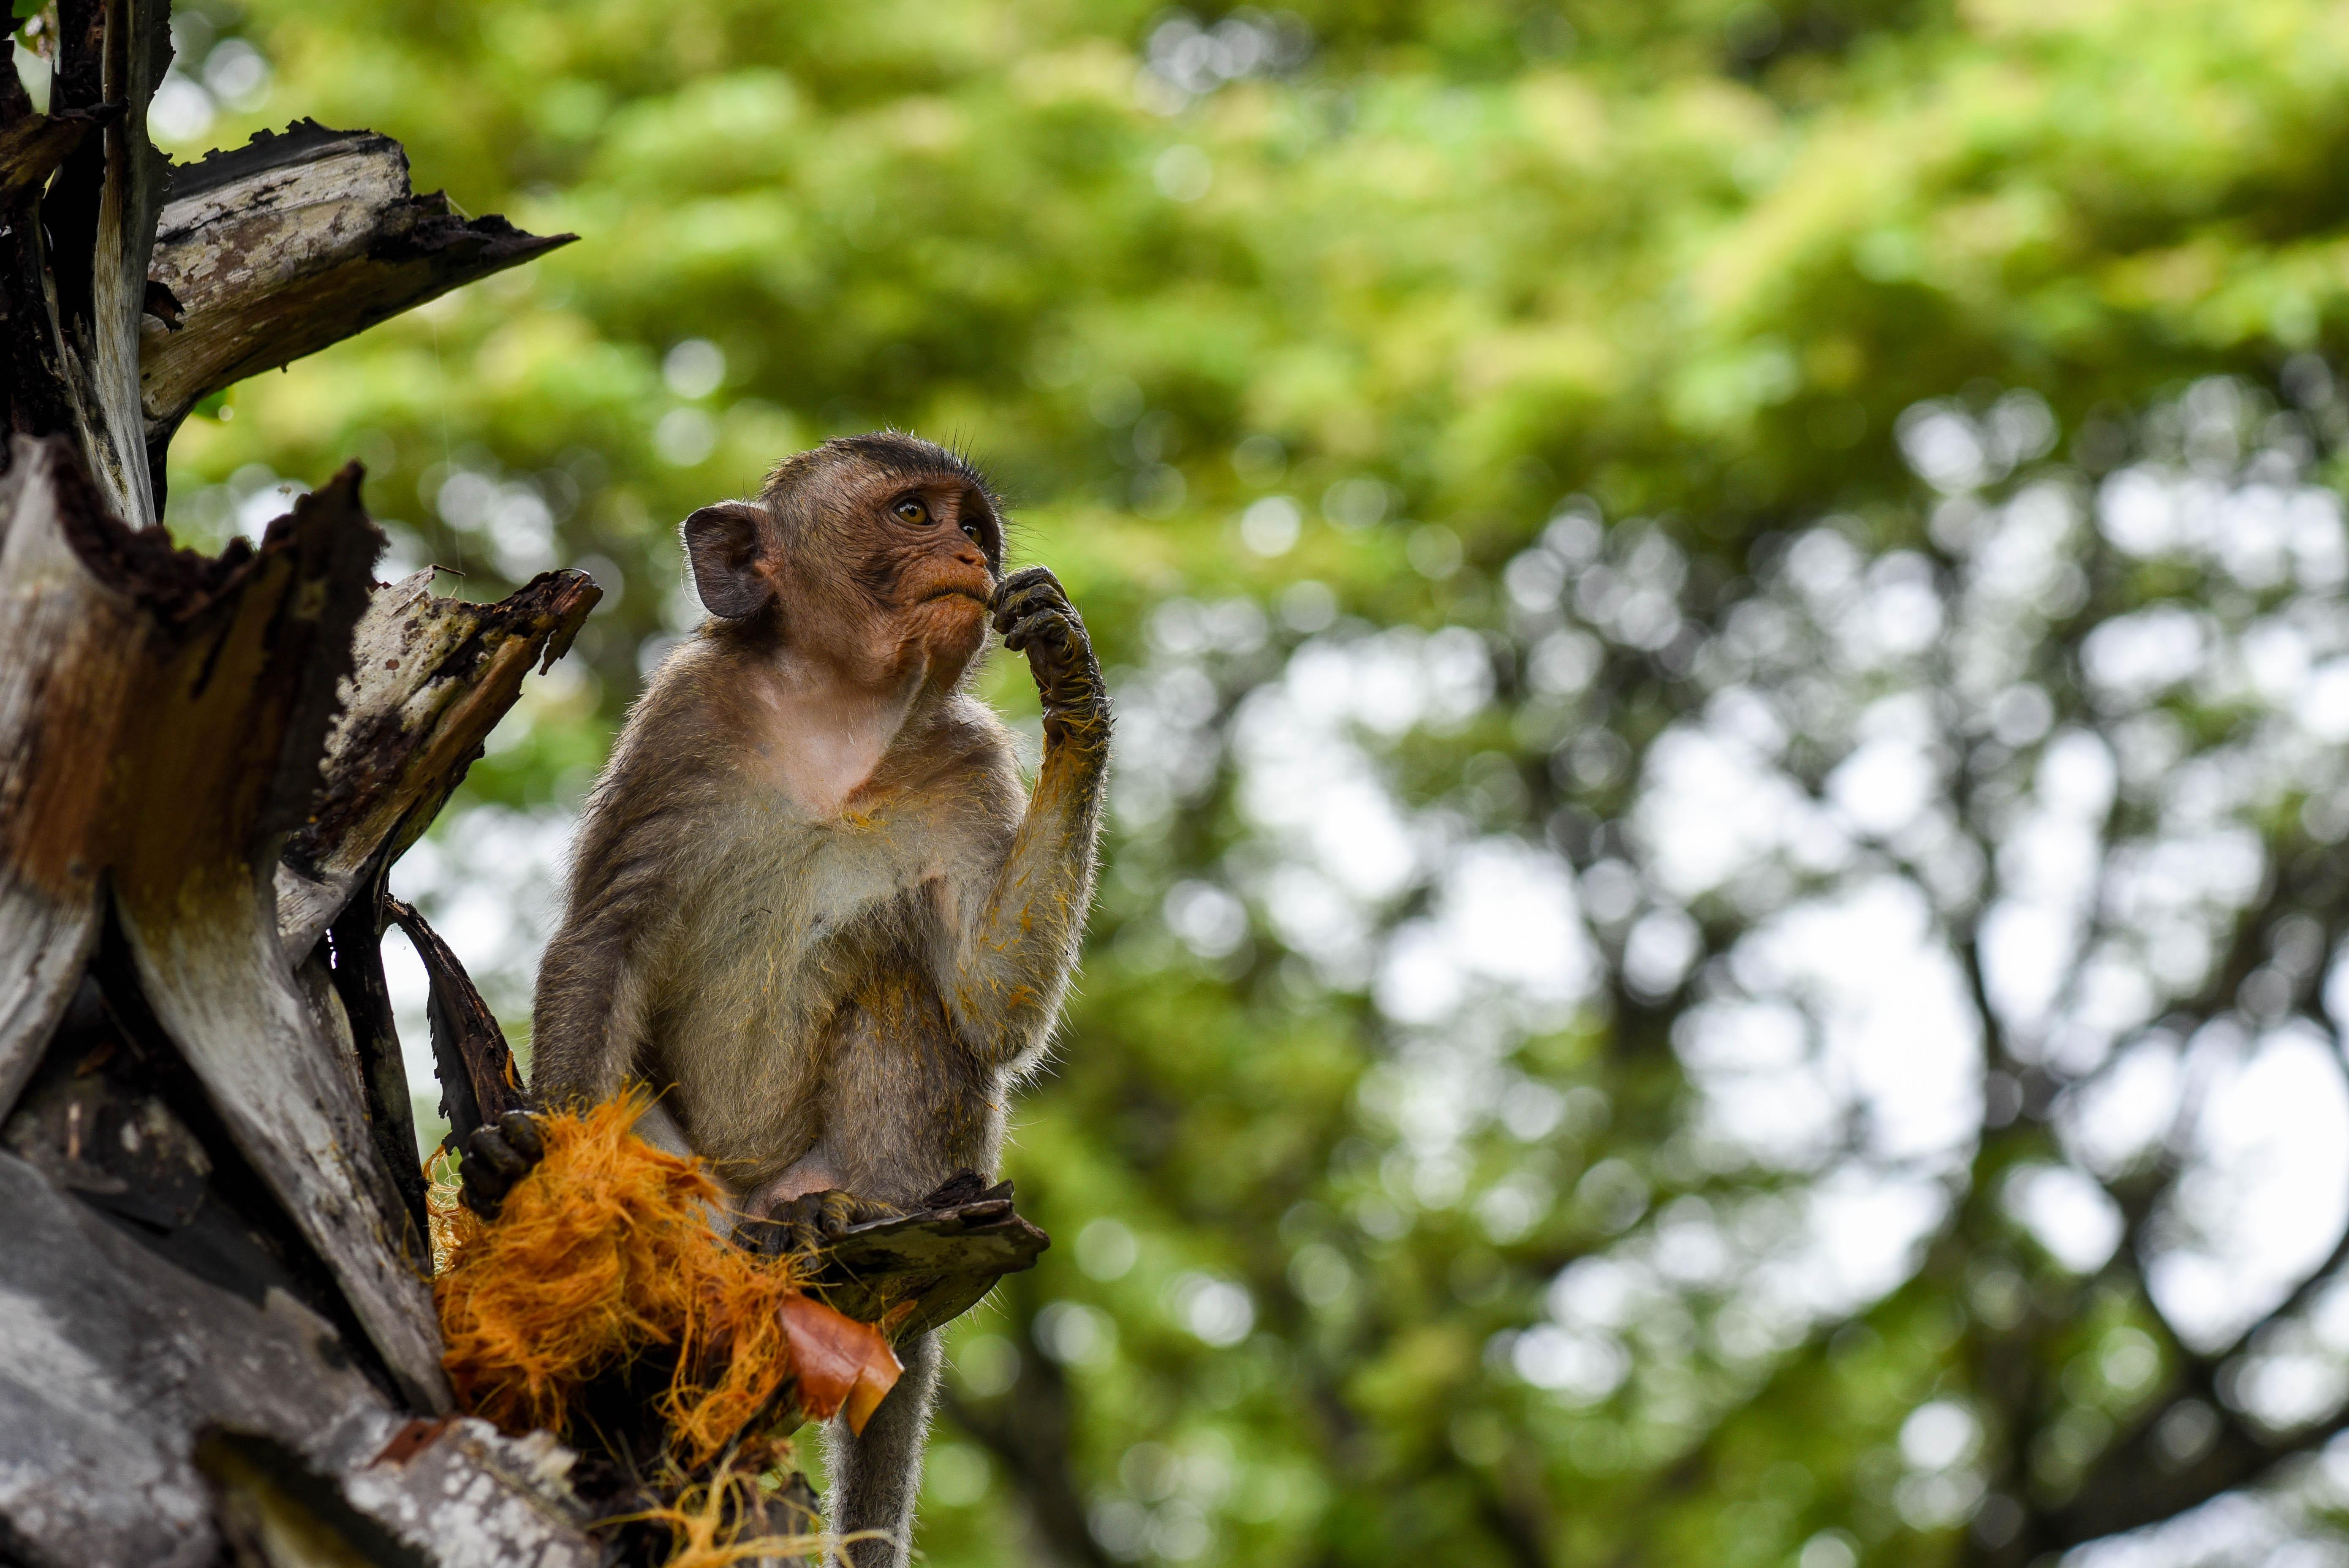 Les singes des temples d'Angkor qu'il ne faut pas nourrir @neweyes